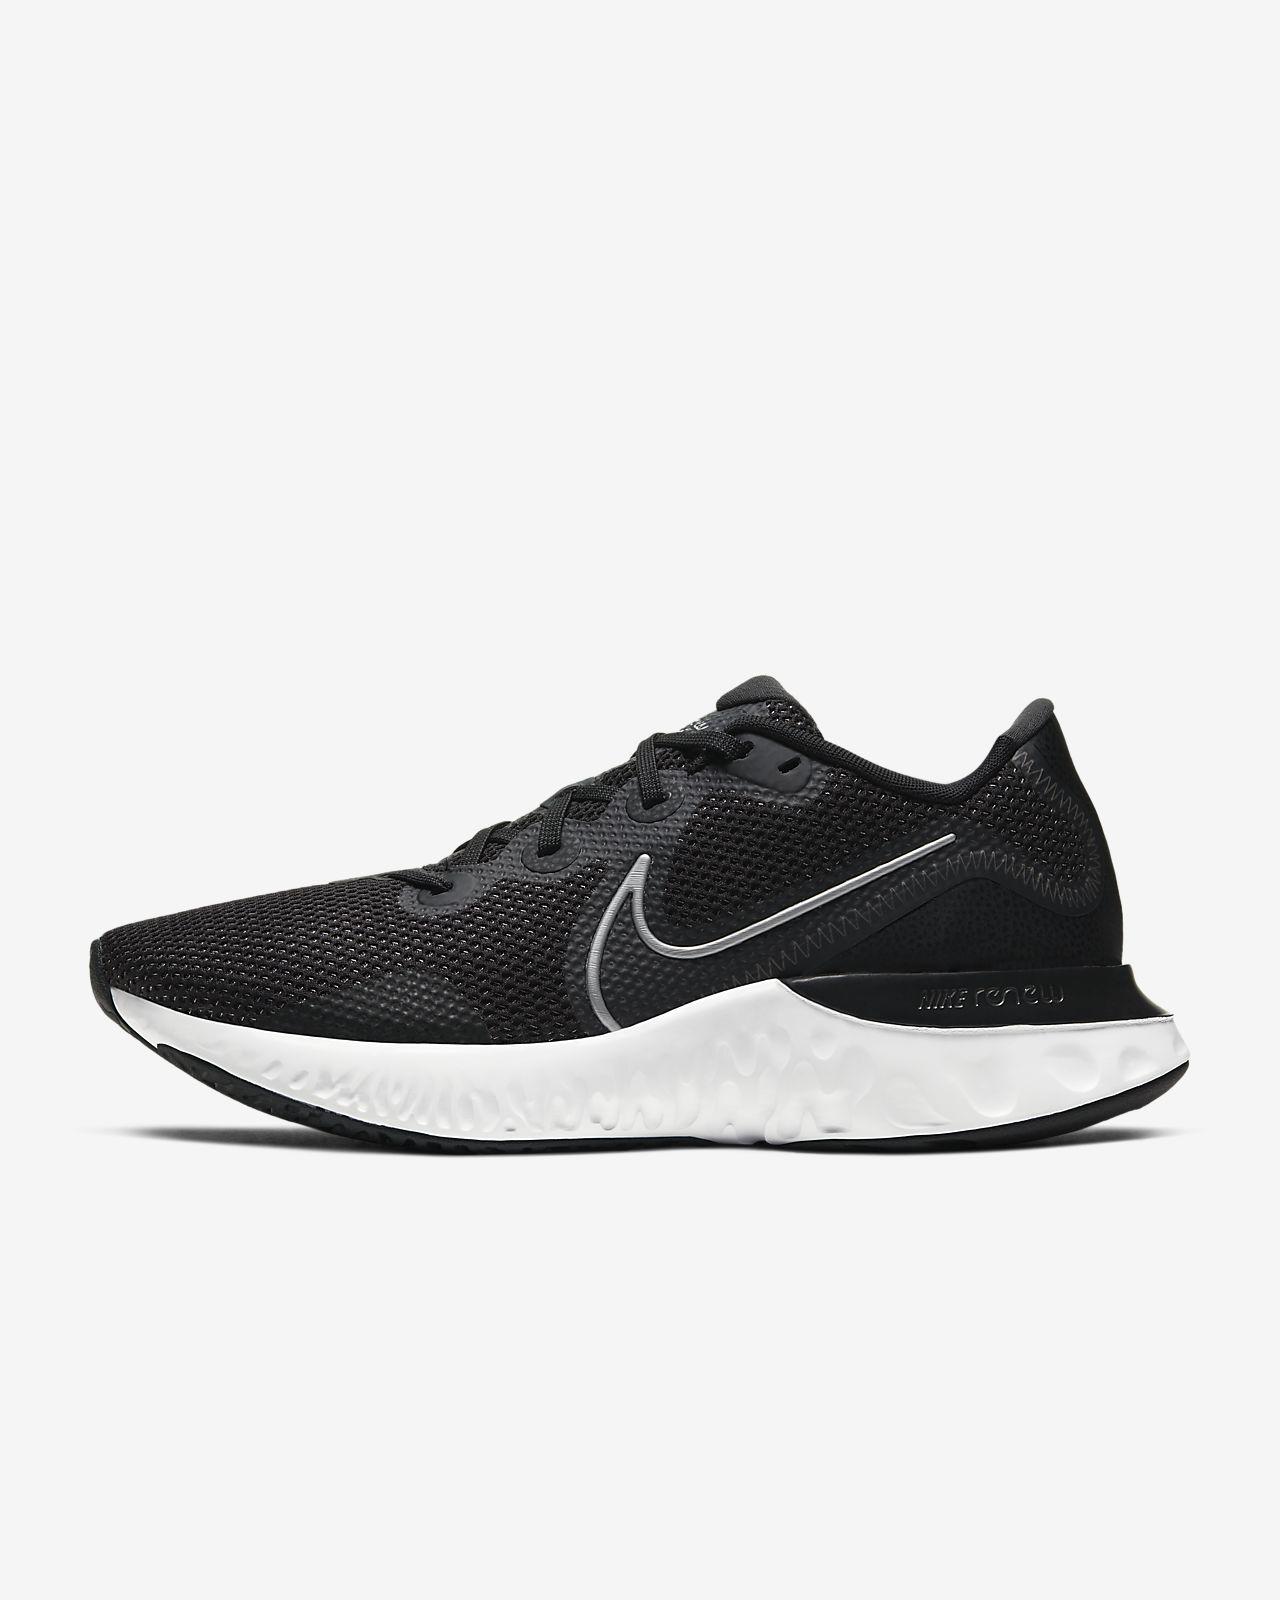 Nike Renew Run Hardloopschoen voor heren